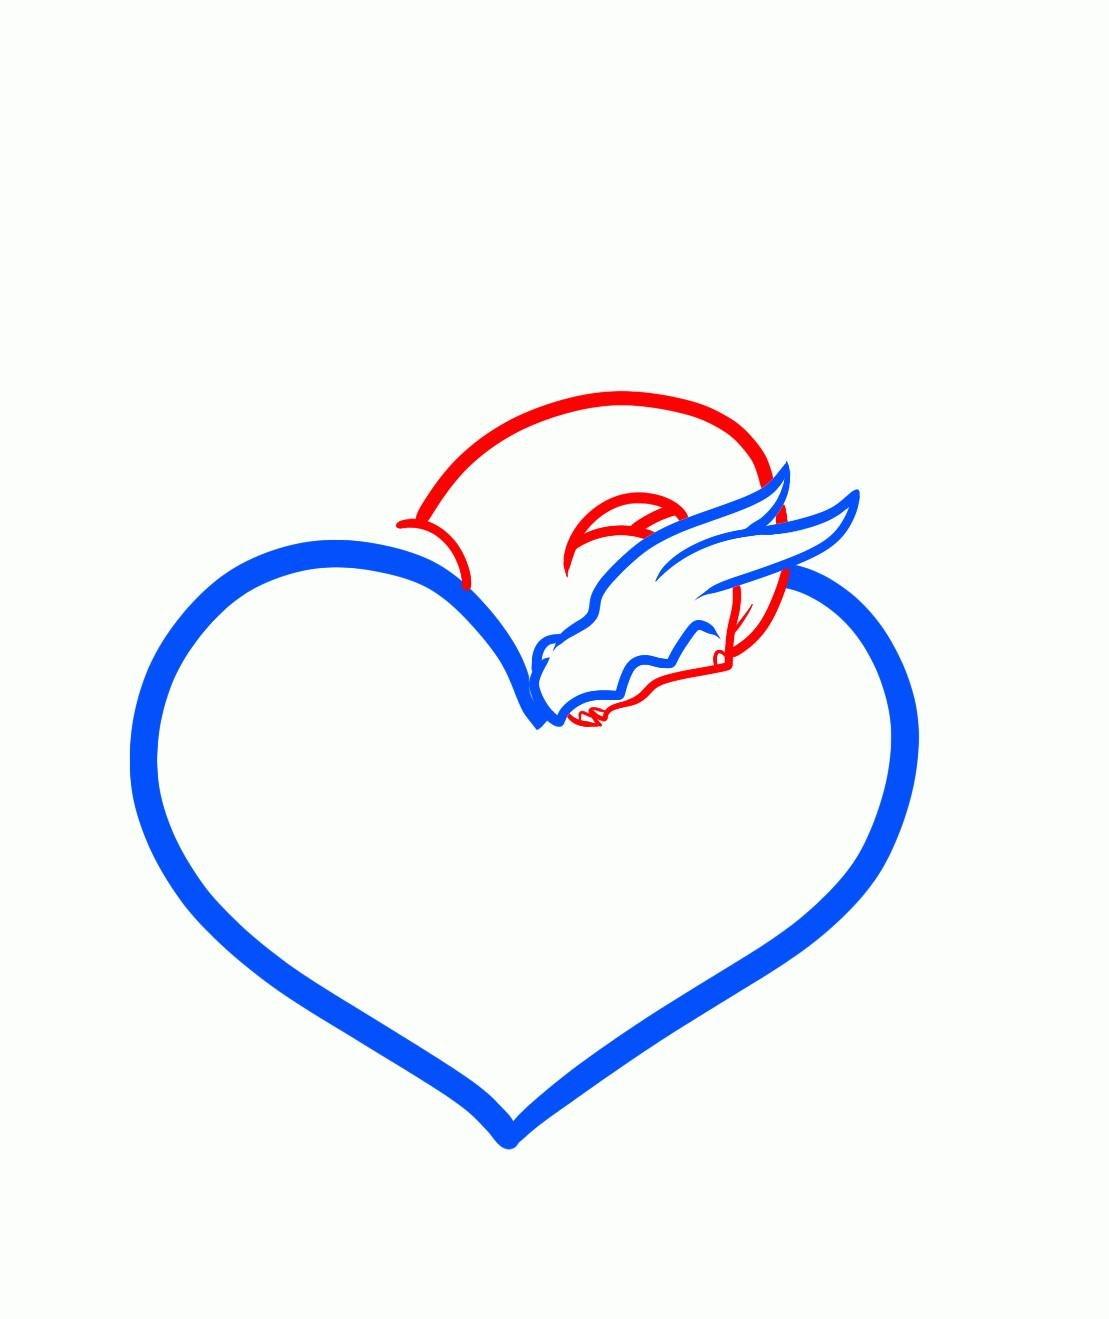 Сердце картинки красивые нарисованные